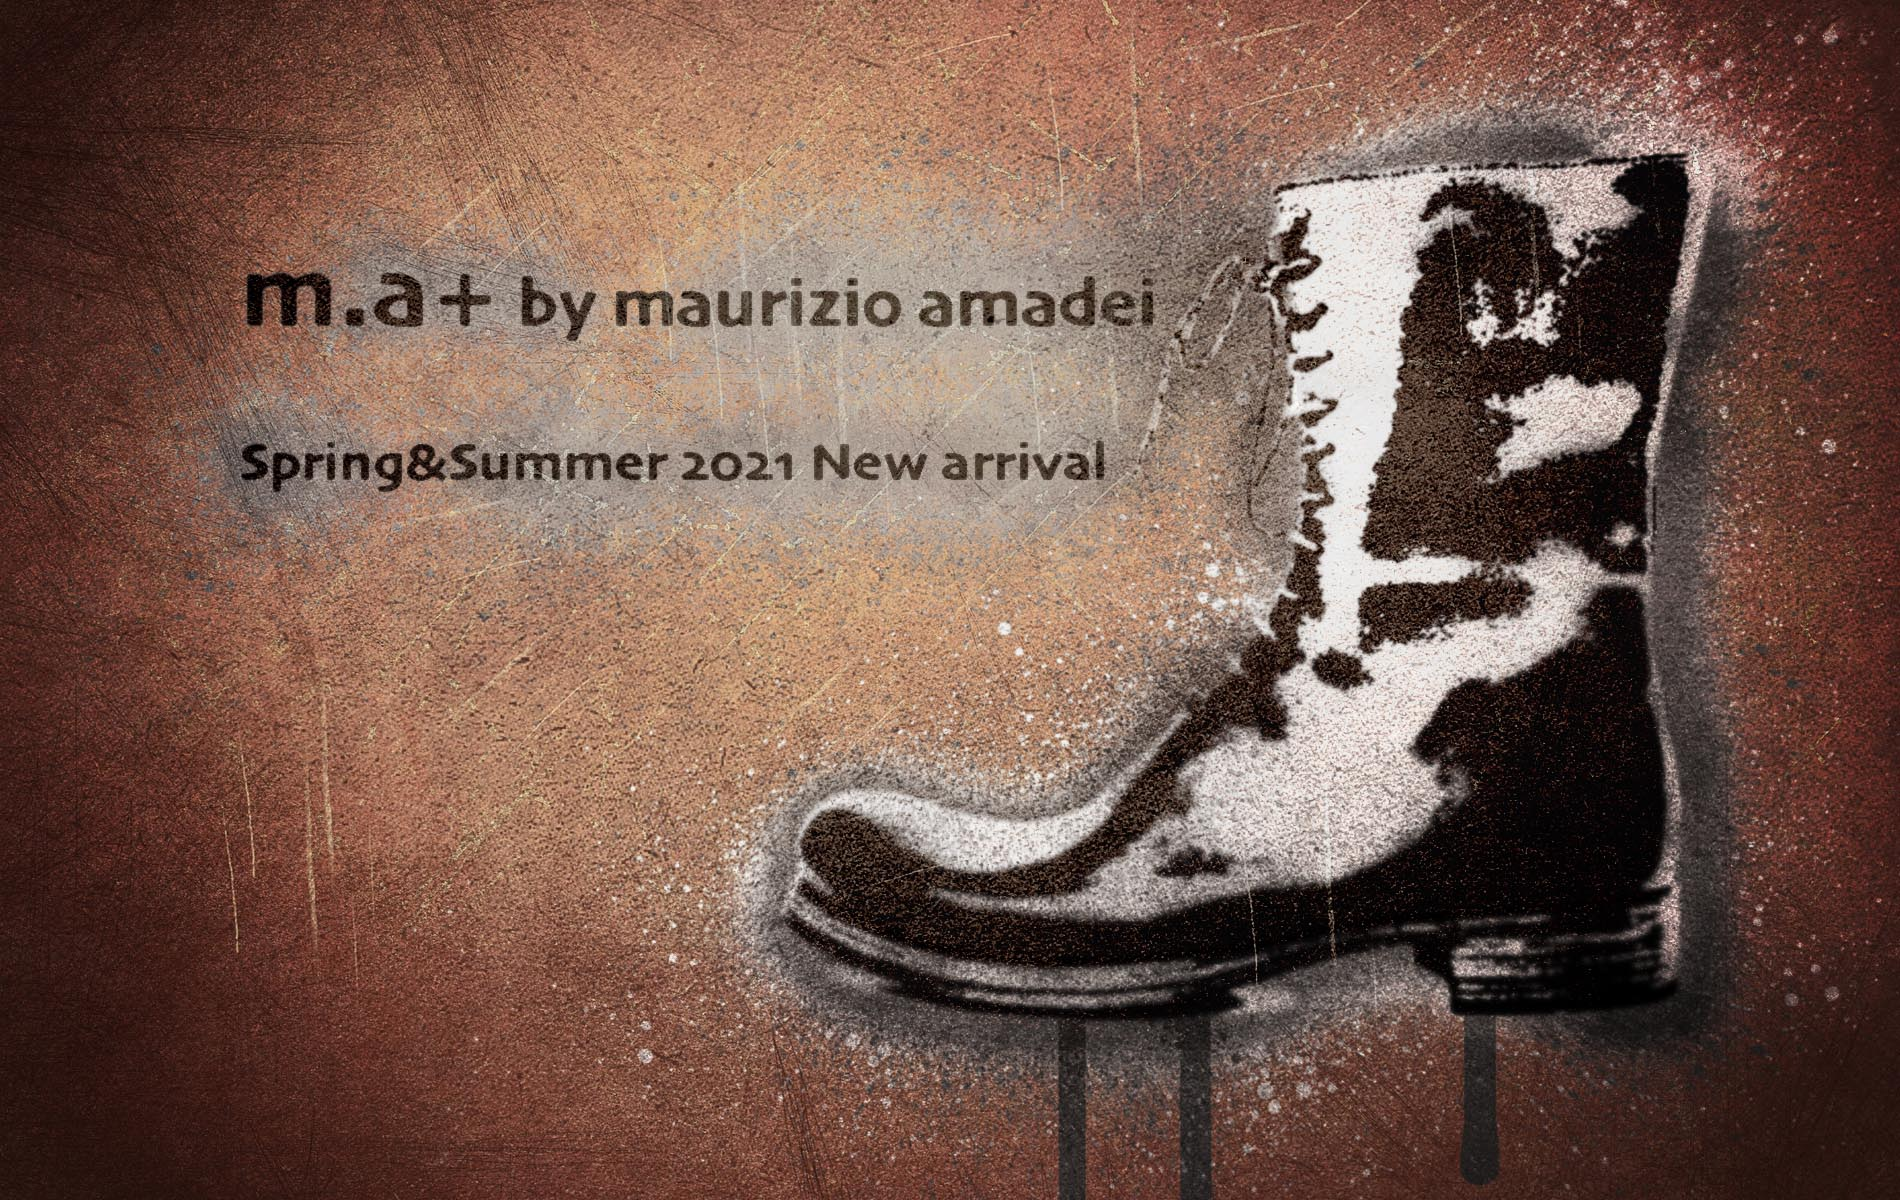 m.a+ 2021春夏コレクション 発売スタート